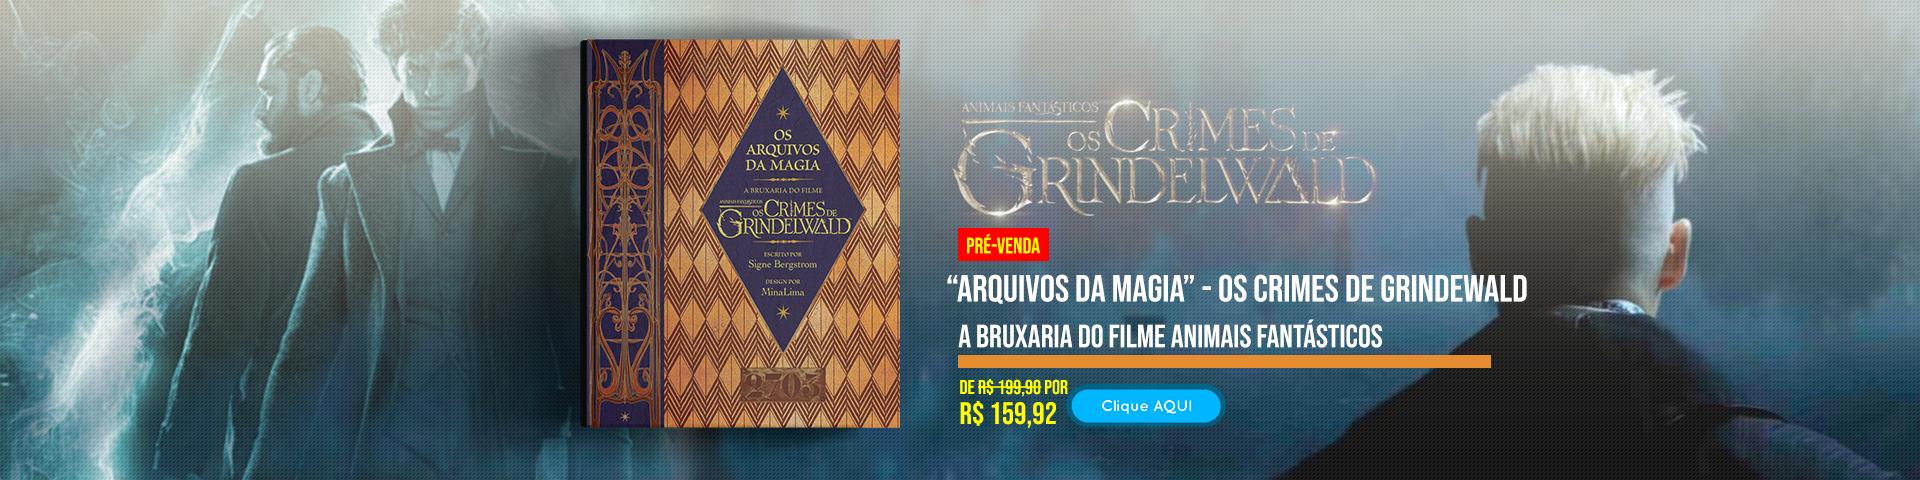 Arquivos da Magia - Os crimes de Grindewald